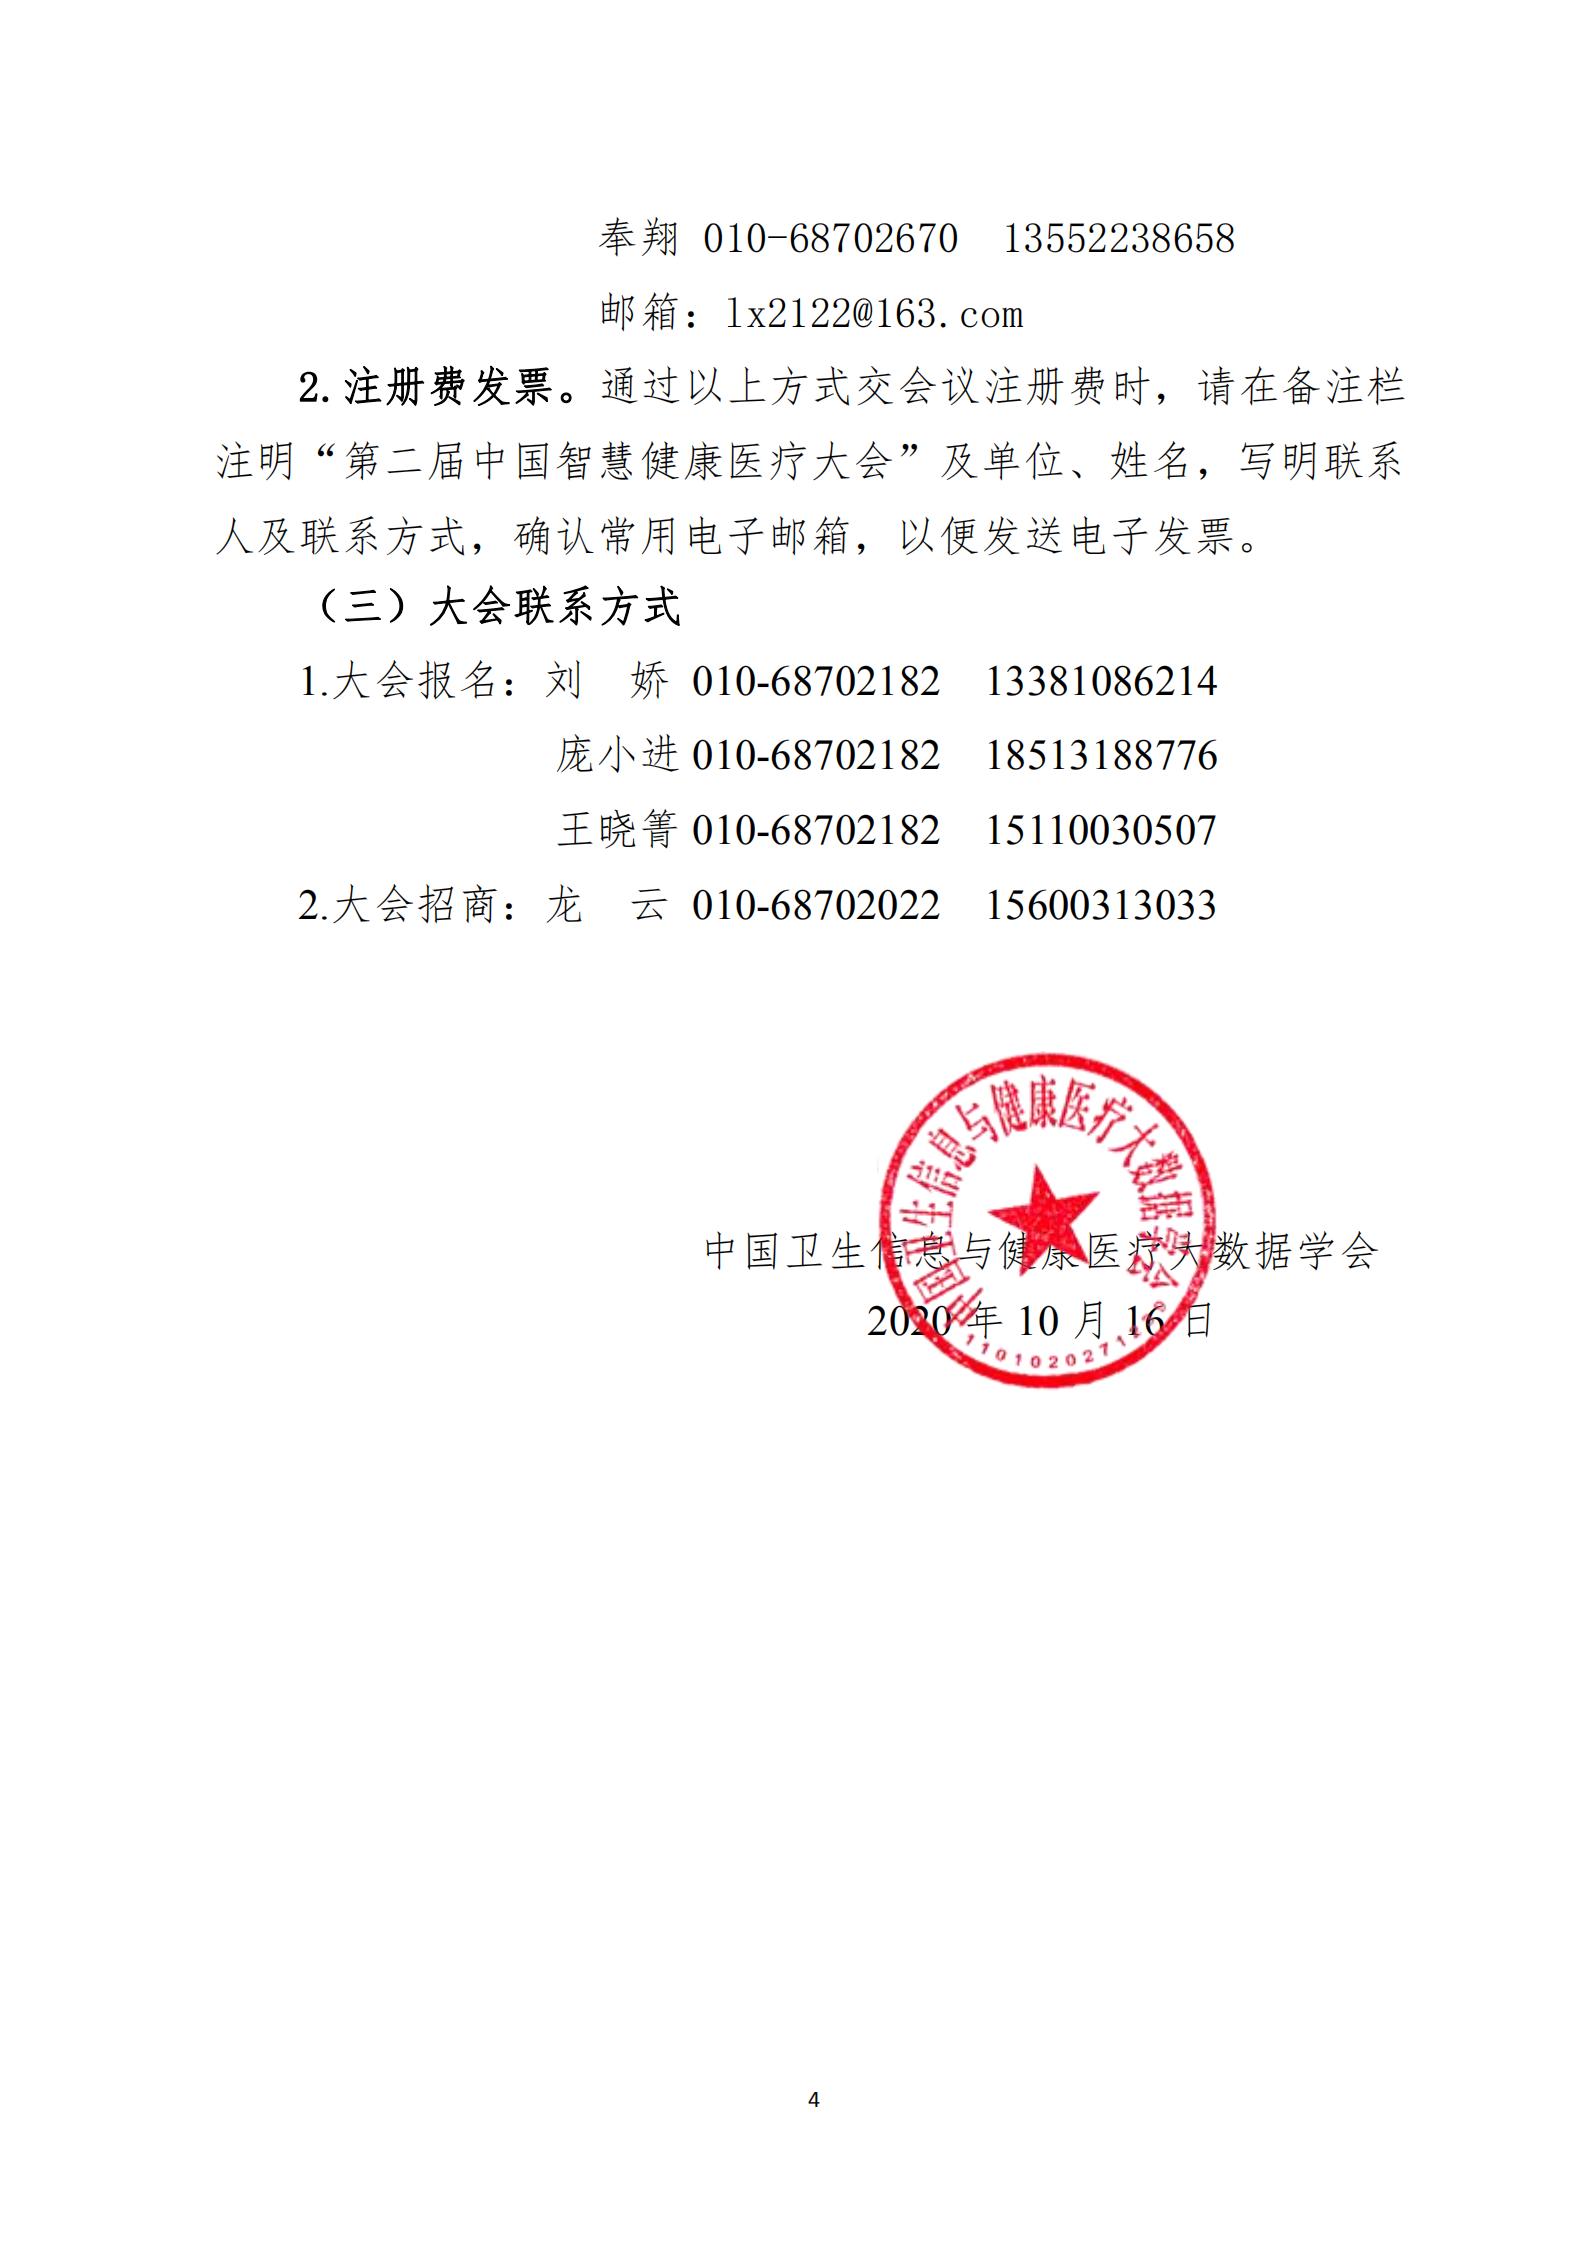 关于召开第二届中国数字健康医疗大会的通知_03.png